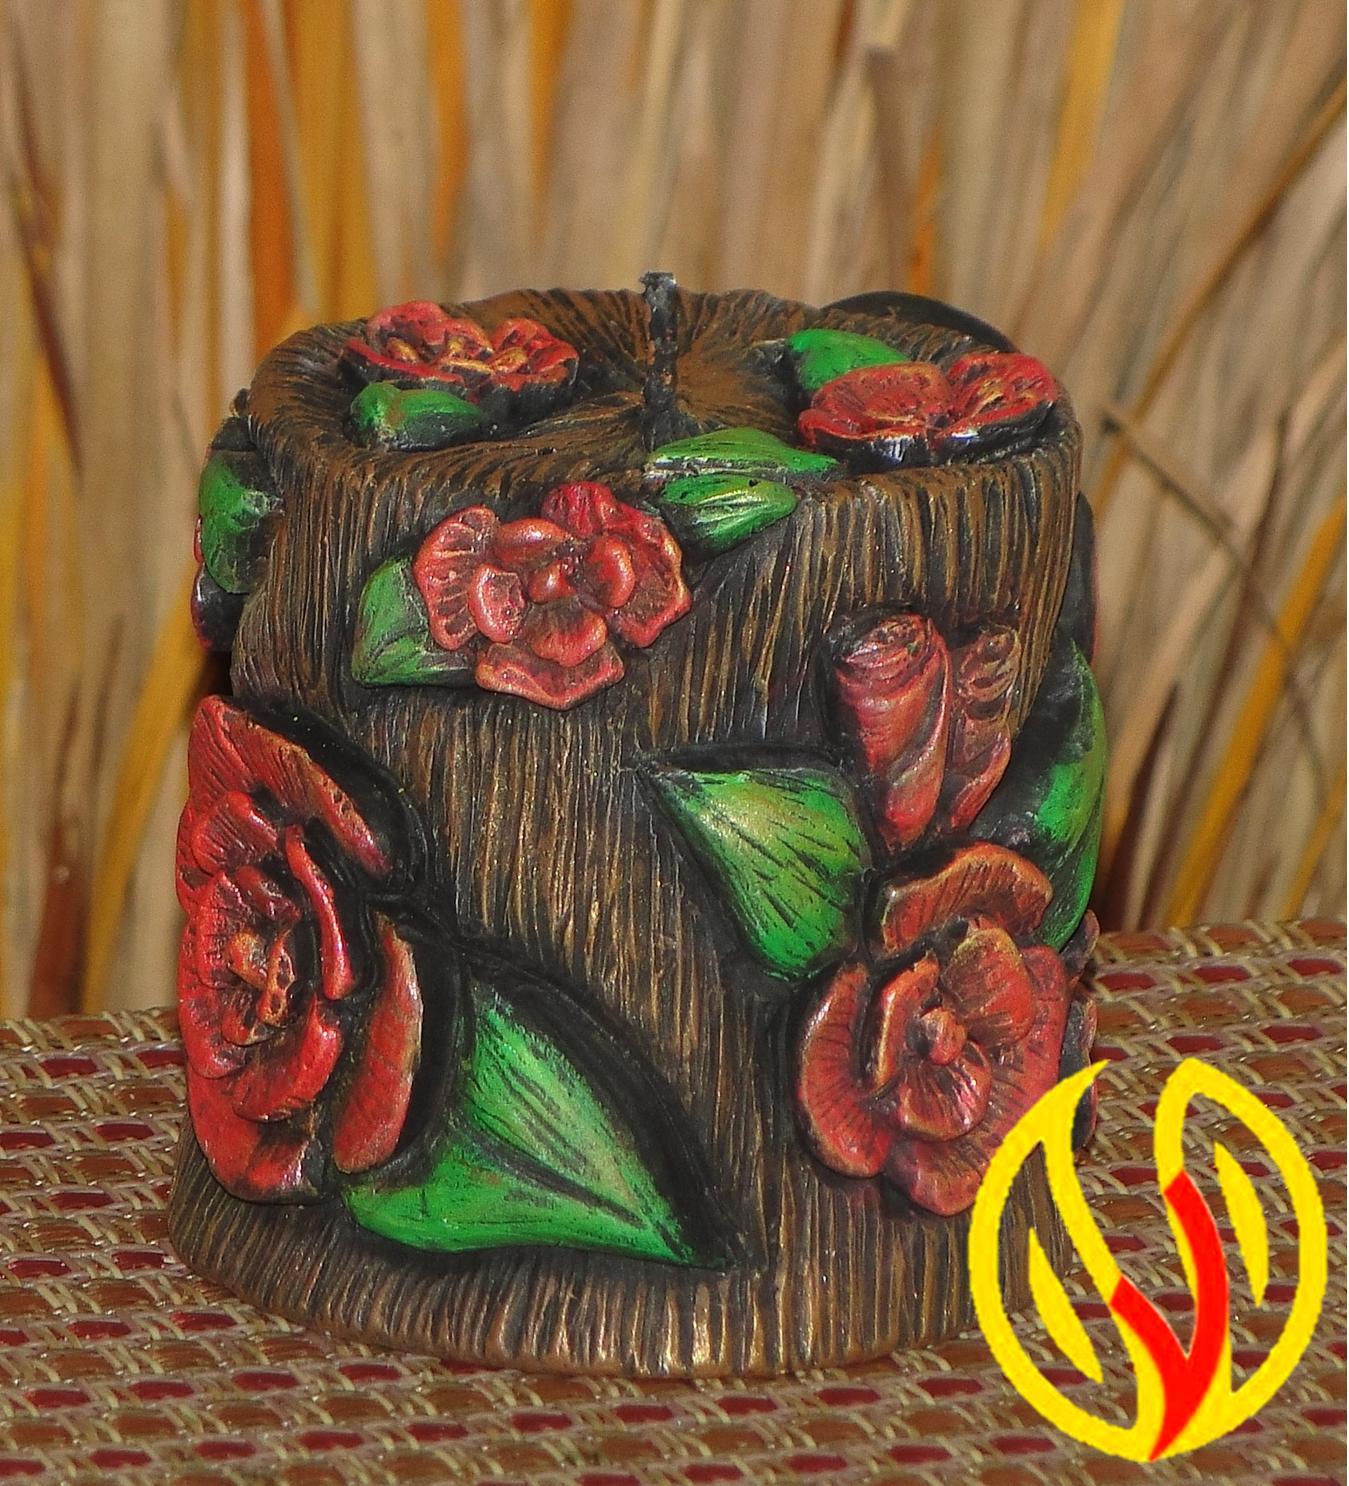 Yleana candles linea floral - Velas talladas ...